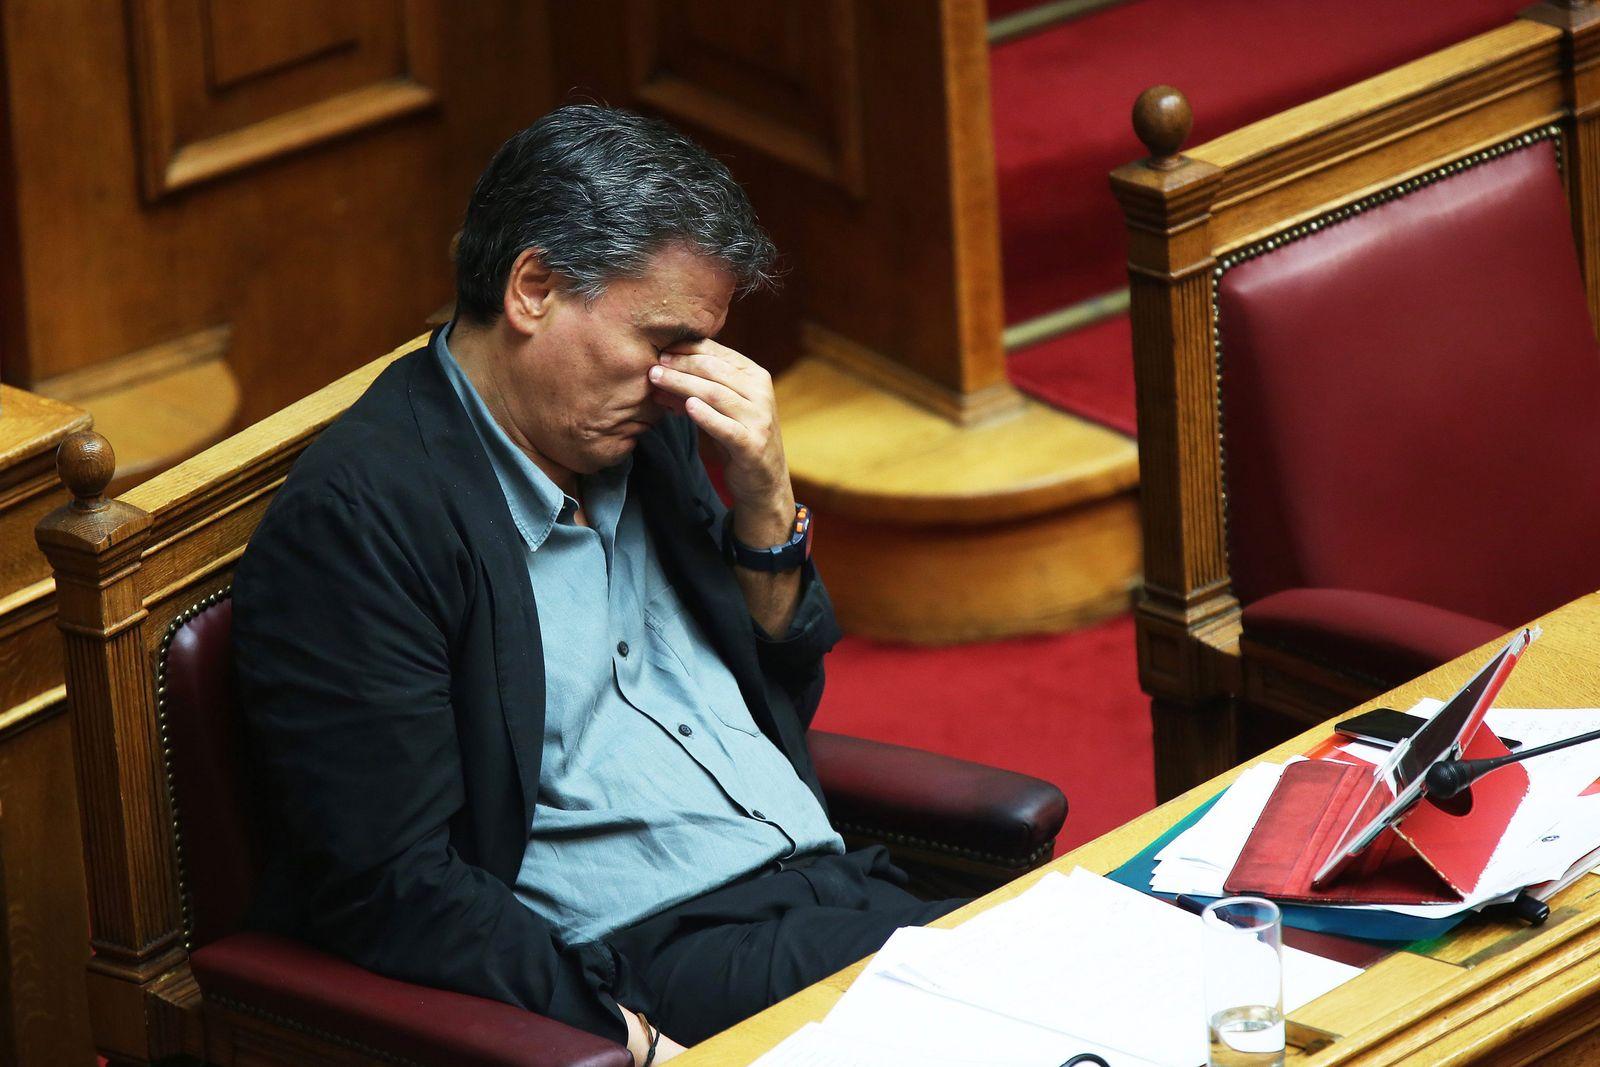 Griechenland Finanzminister Tsakalotos